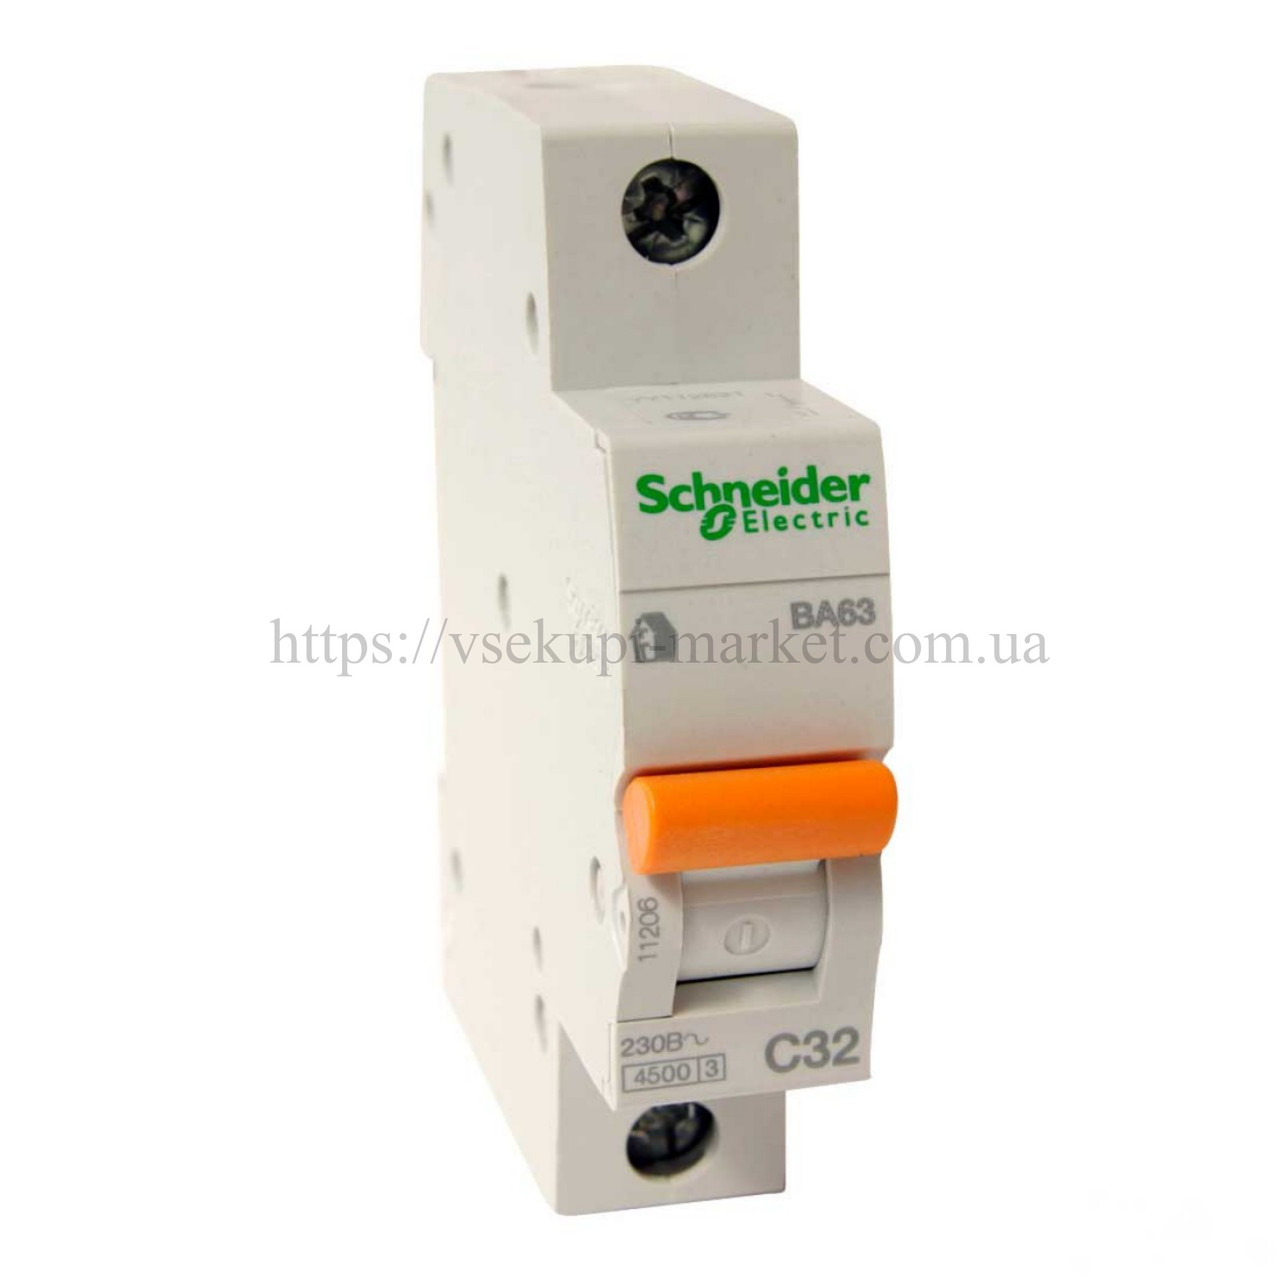 Автоматический выключатель SCHNEIDER ВА63 1Р 32А 1 ПОЛЮС С 11206